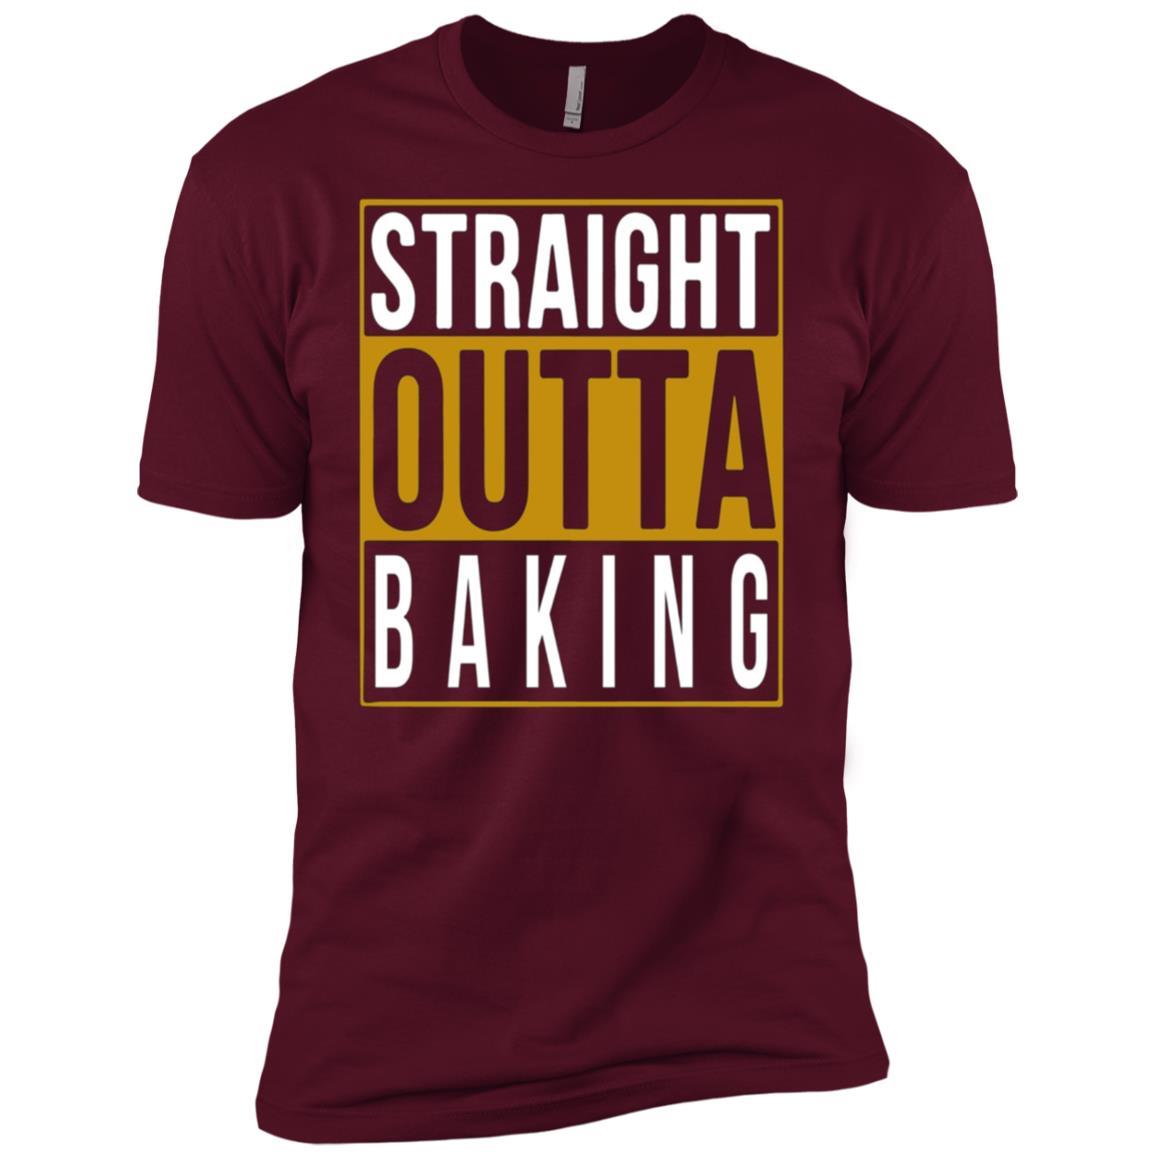 Straight Outta Baking Tee for girl Men Short Sleeve T-Shirt